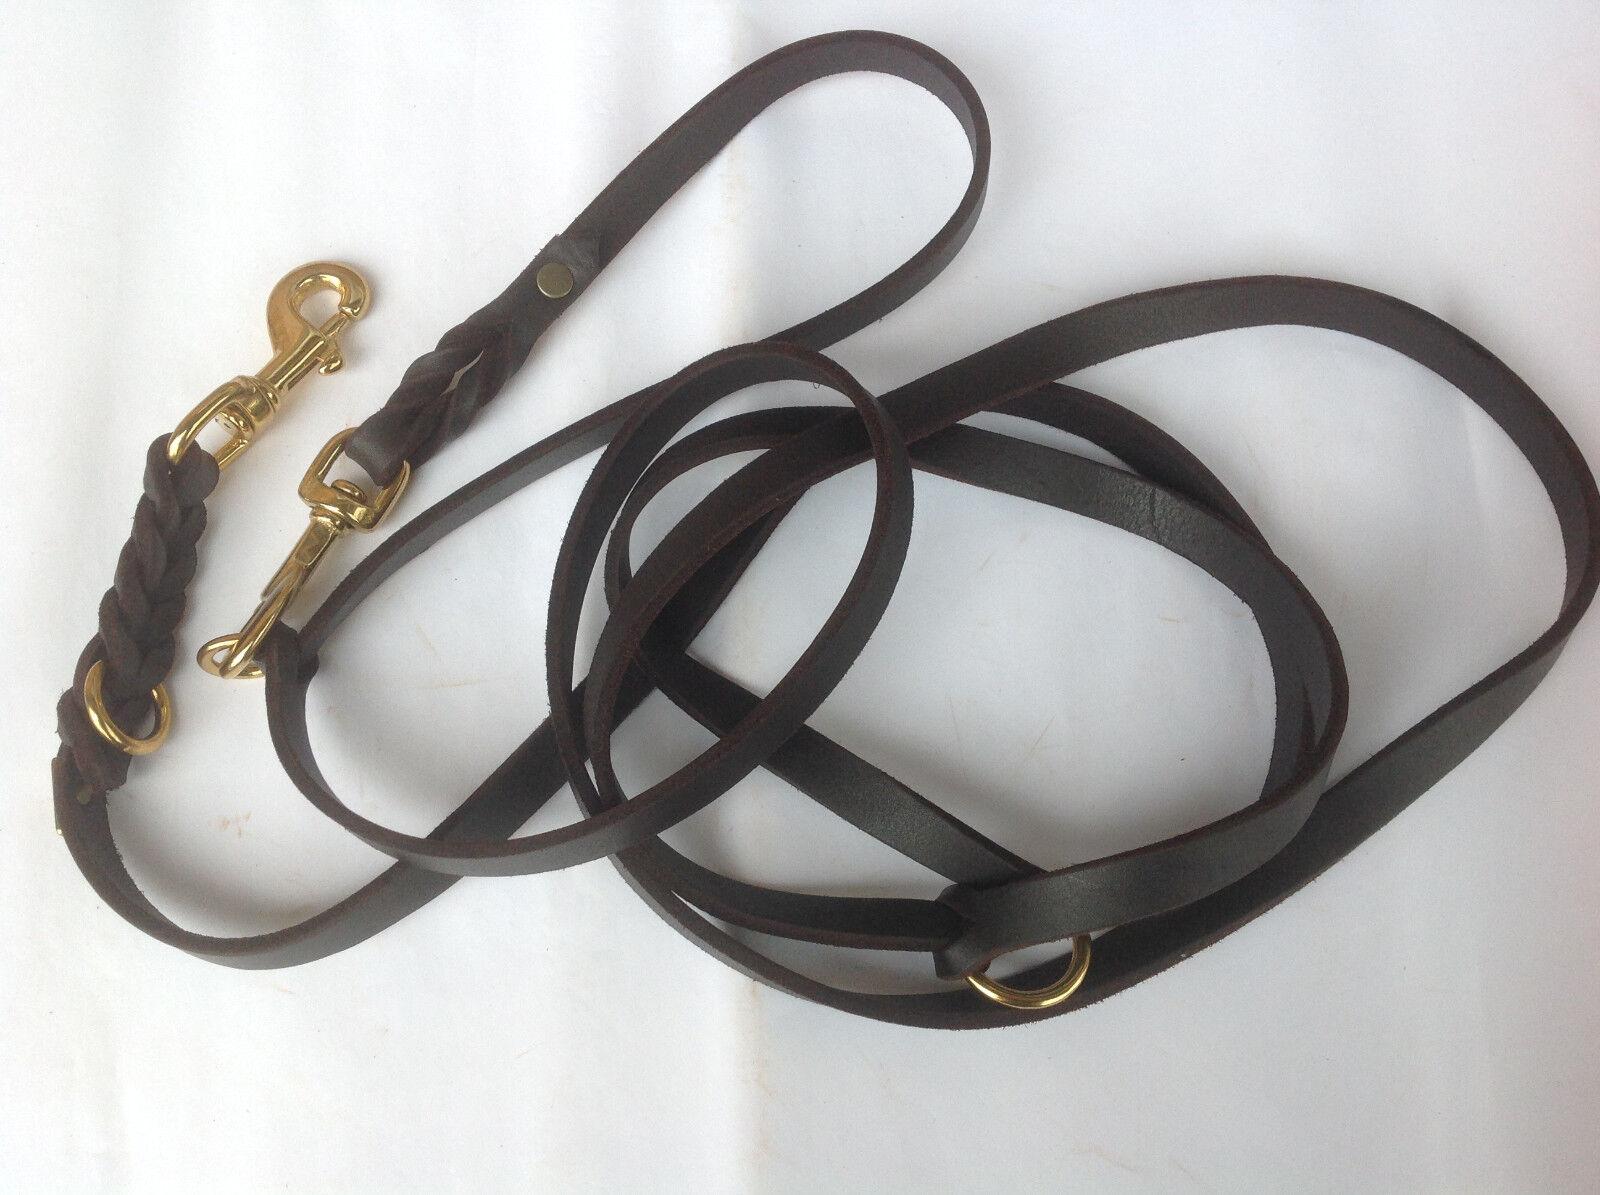 Lederleine Fettlederleine Breite 8-10-12-15mm Länge 3 m dreifach verstellbar verstellbar verstellbar  | Nutzen Sie Materialien voll aus  4df0ab